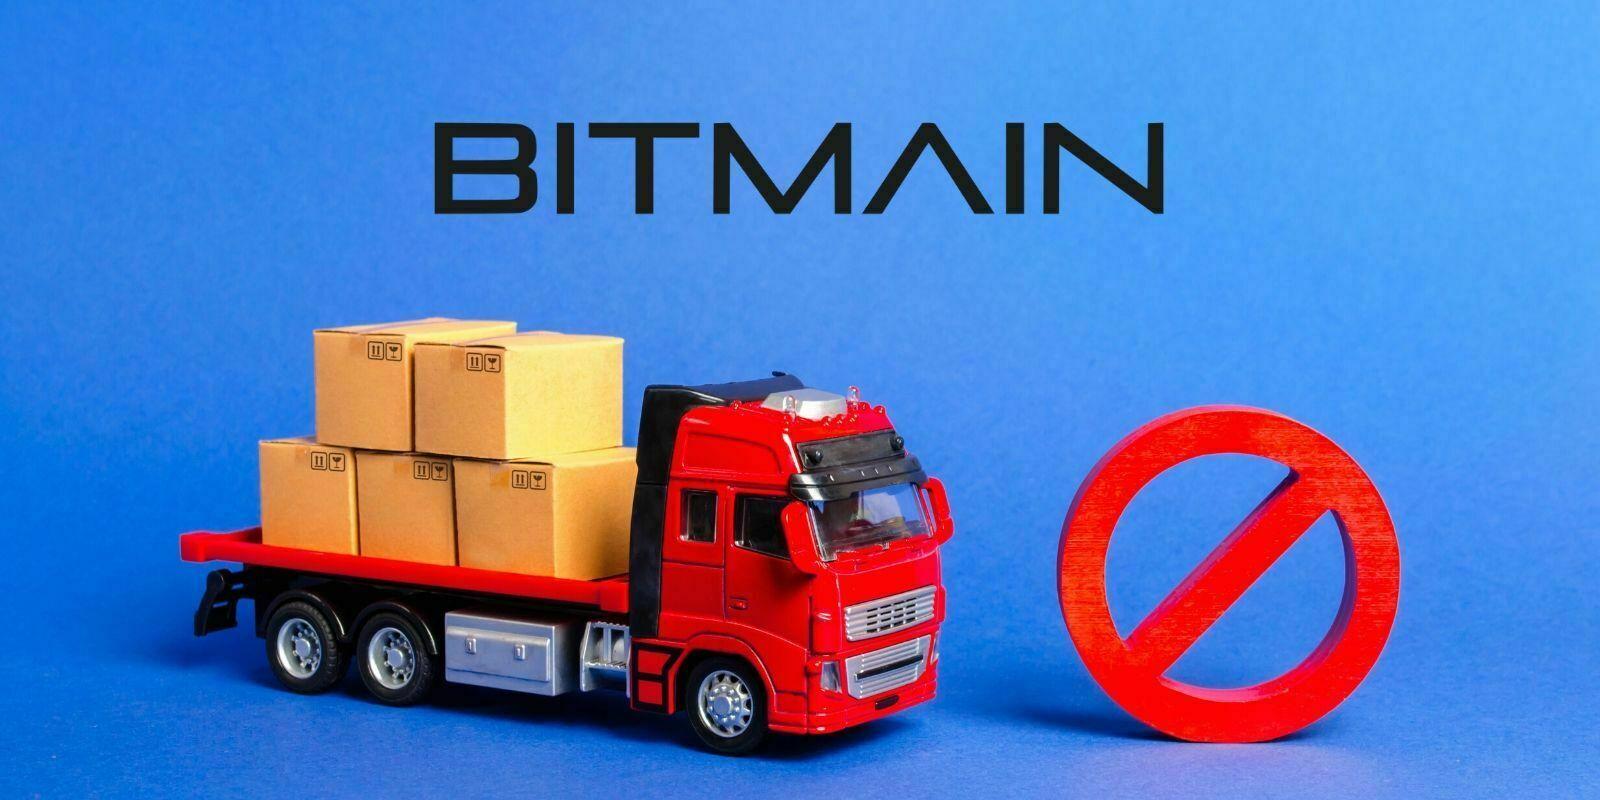 Micree Zhan provoque l'interruption des livraisons de Bitmain